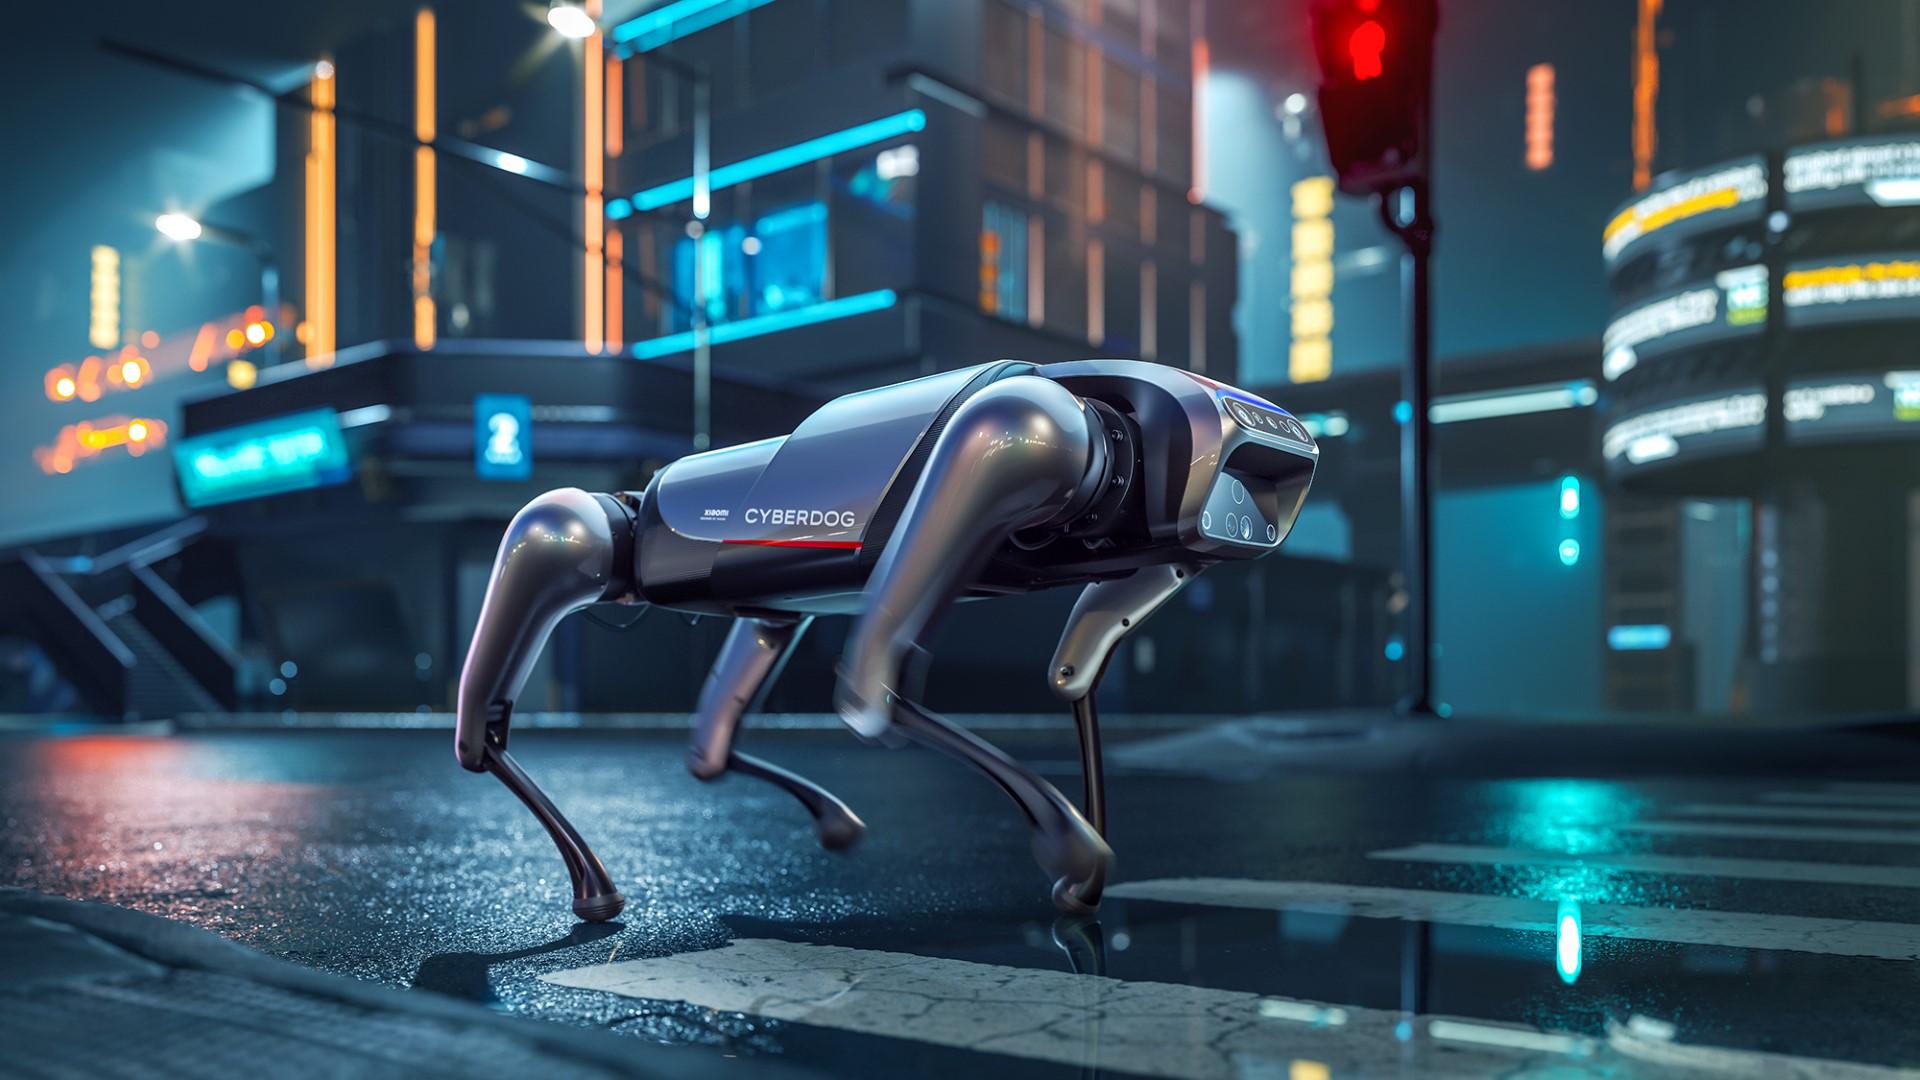 xiaomi cyberdog feature